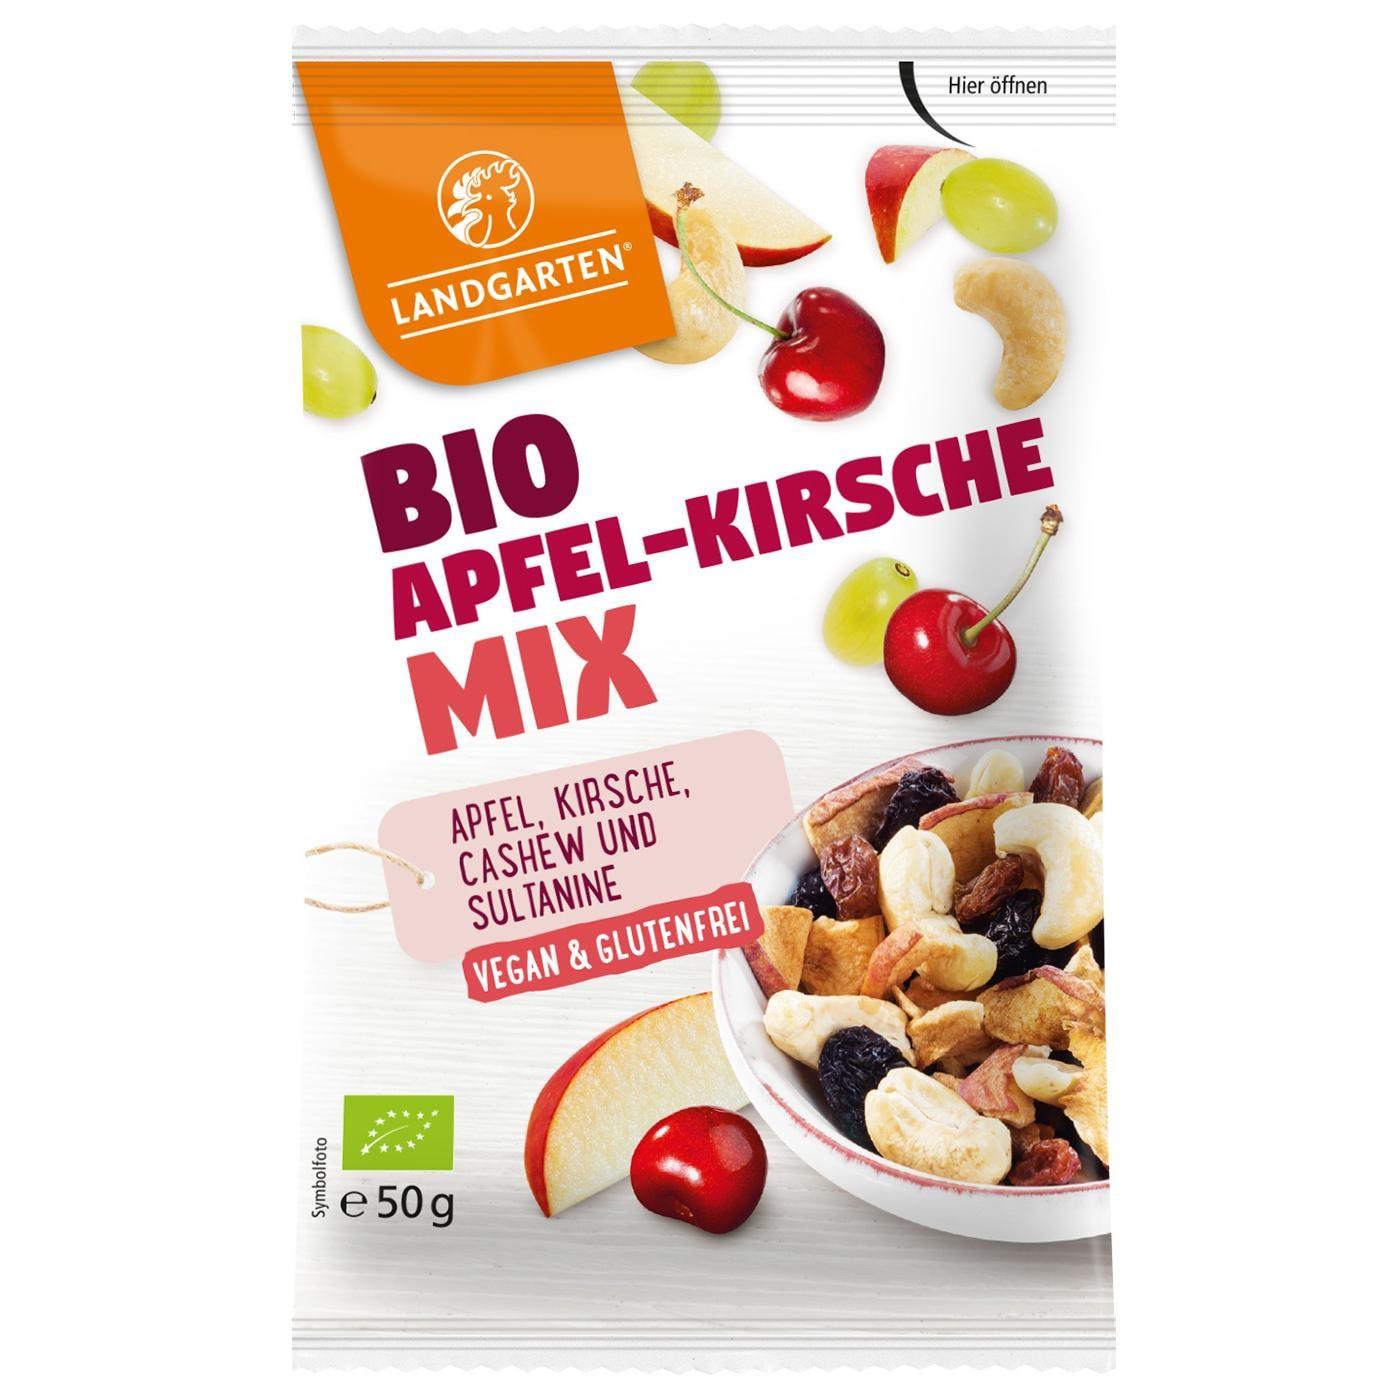 Landgarten Bio Apfel-Kirsche Mix 50g